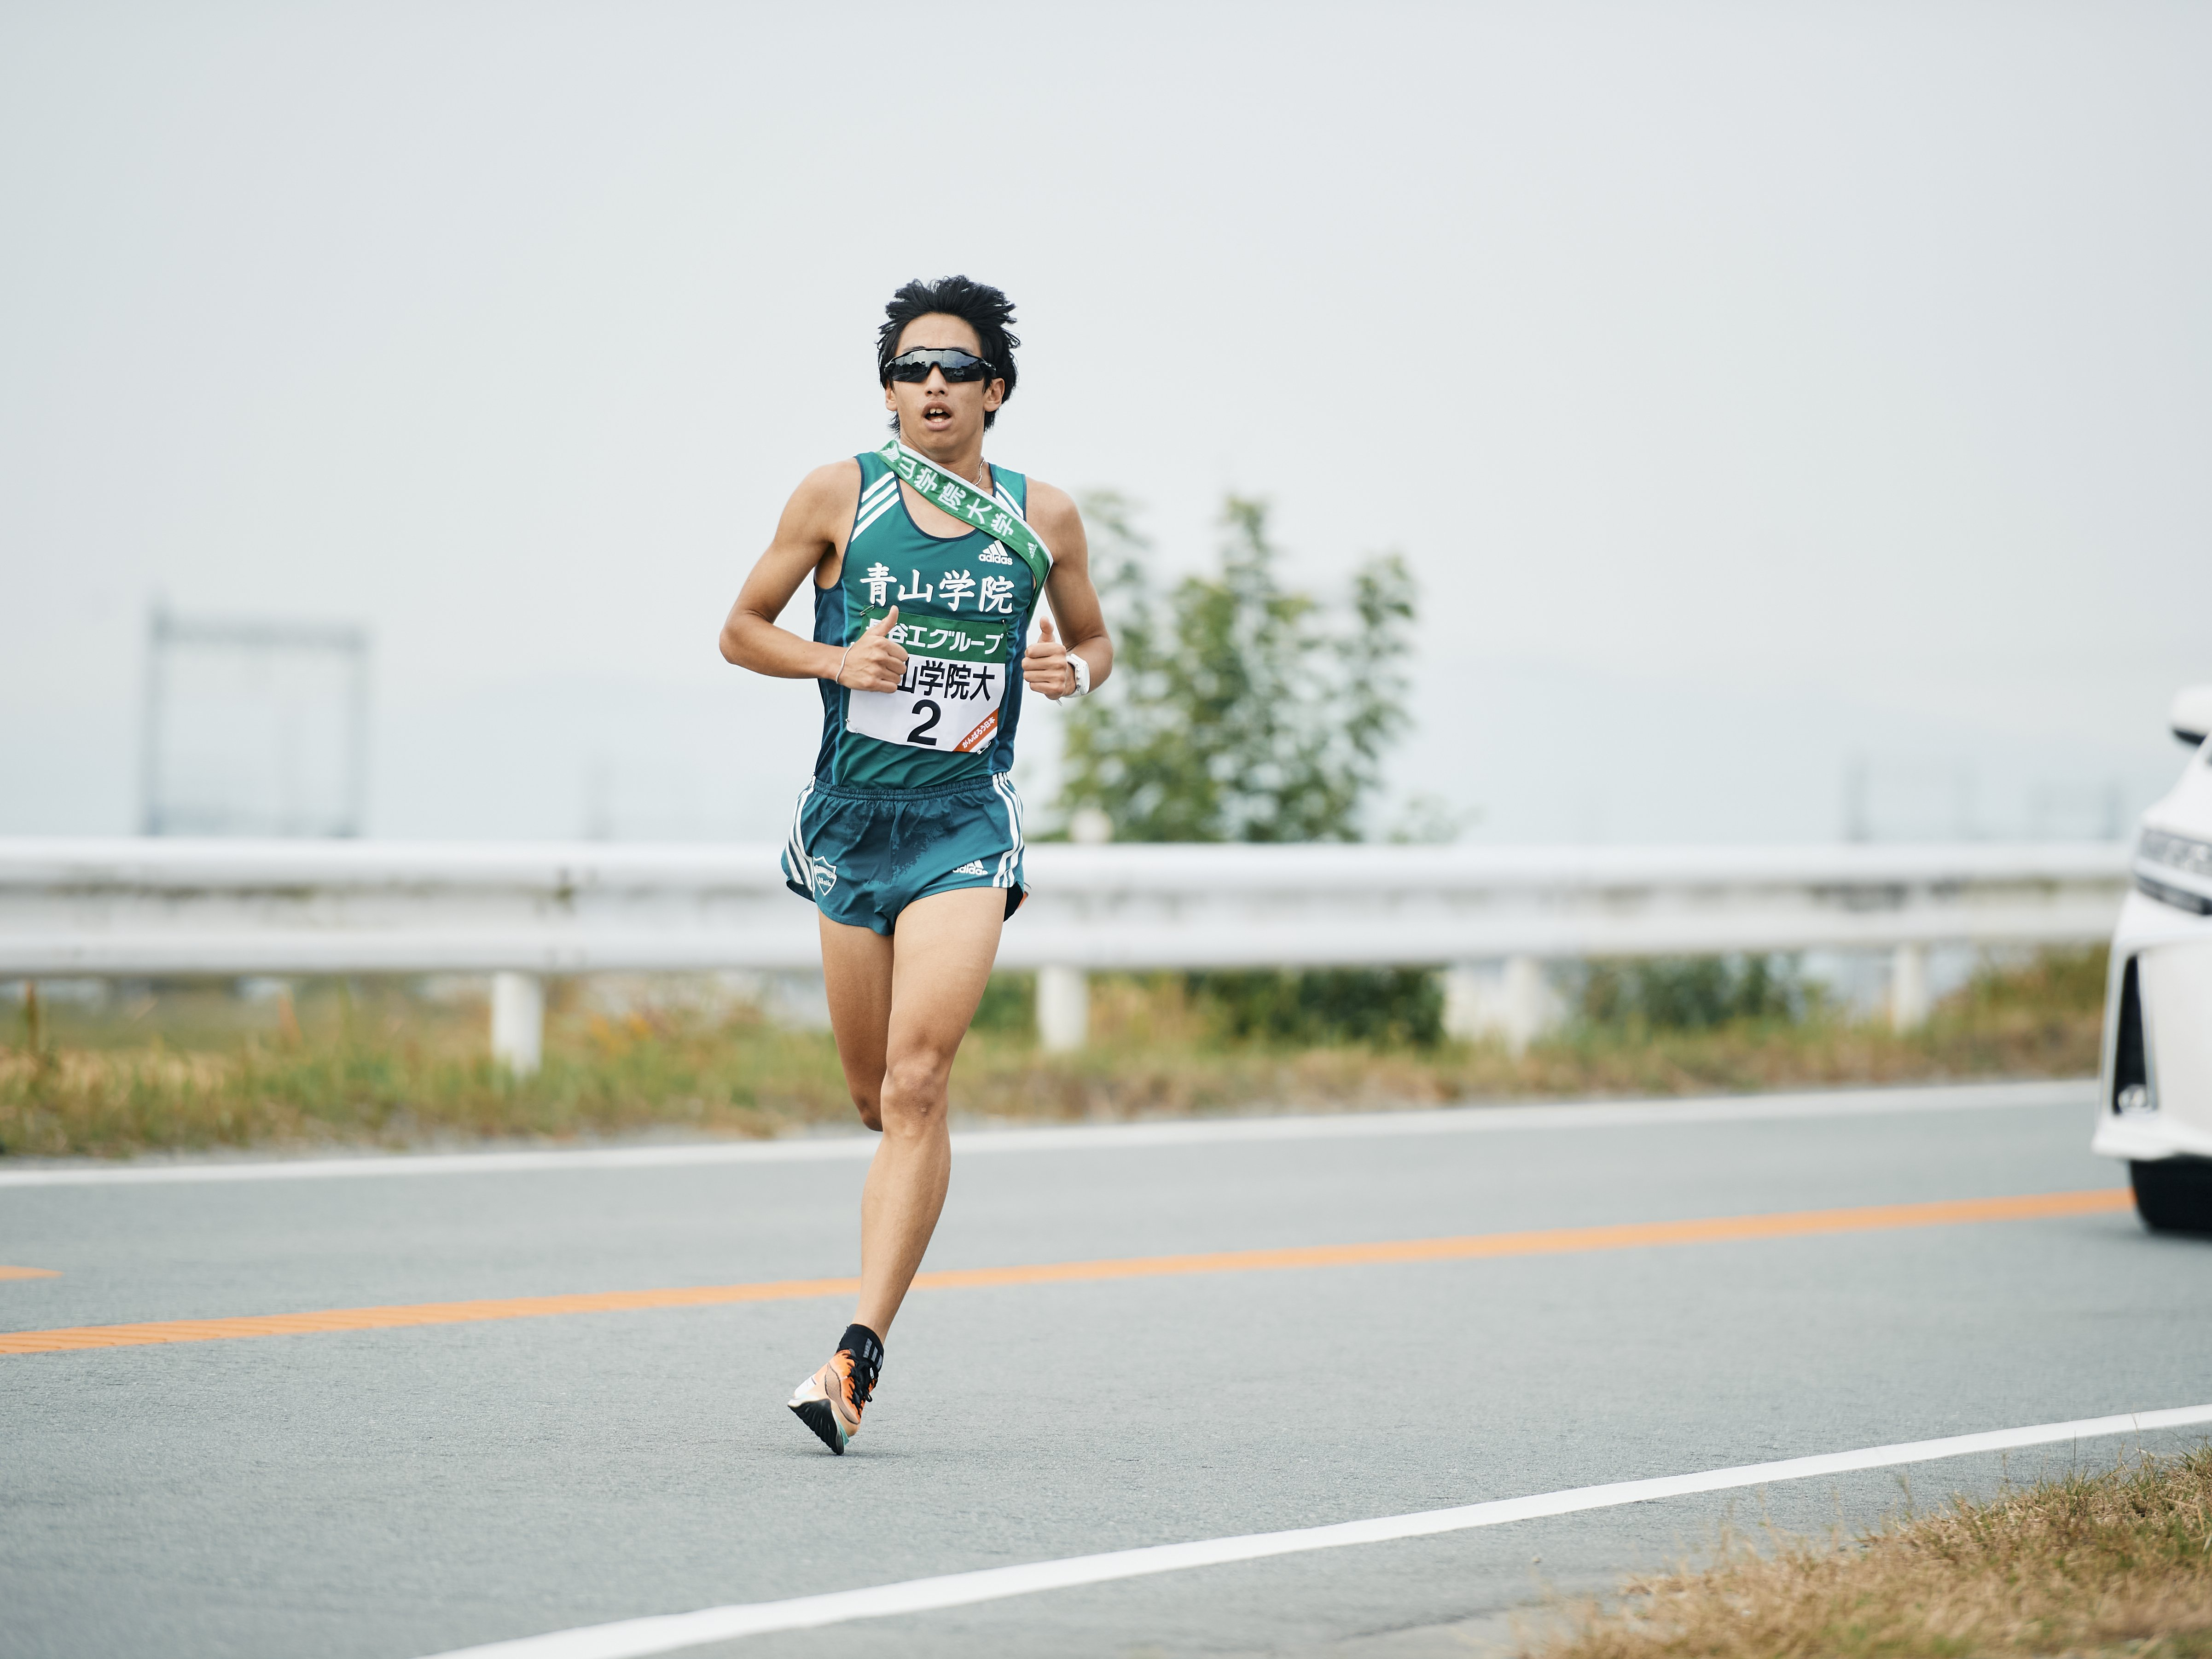 今年の全日本大学駅伝でも7区区間賞と好走した神林勇太 (C)Yuki Suenaga